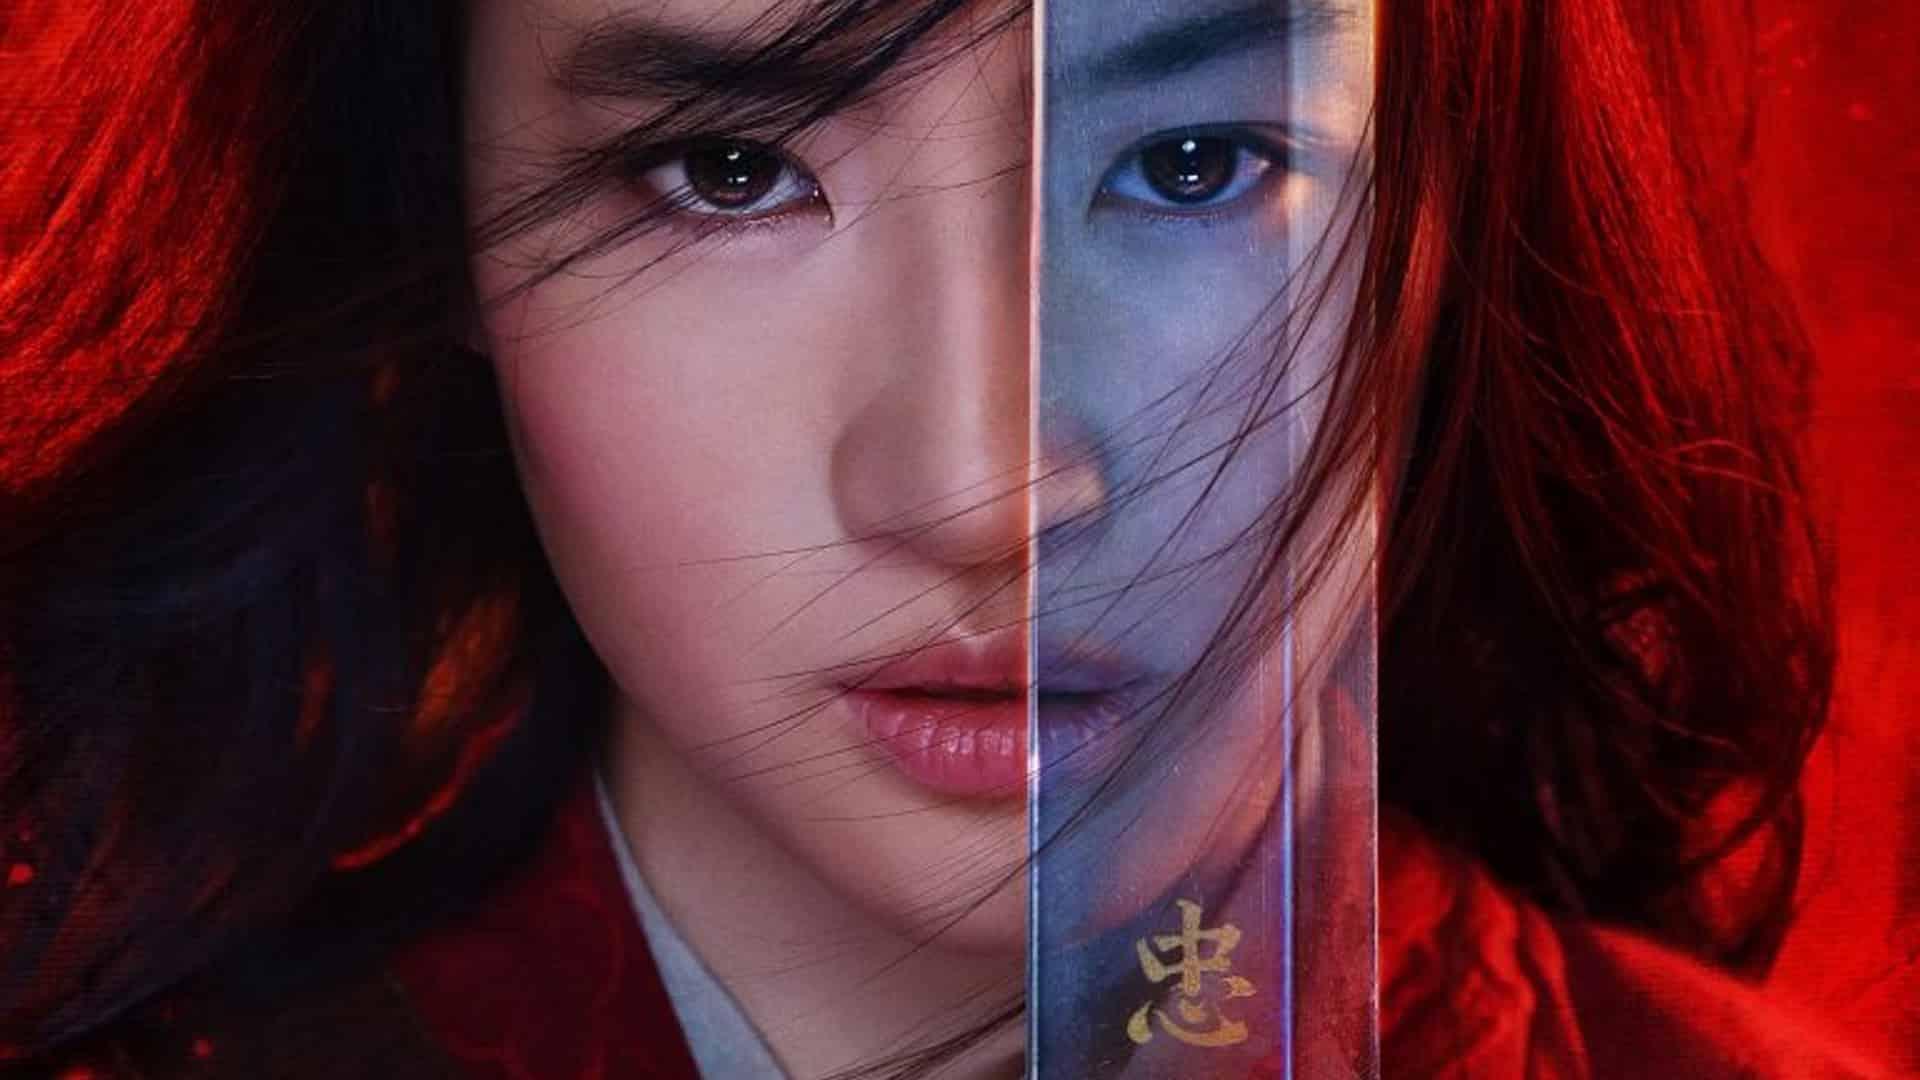 Quando esce il film Mulan? Ecco la data ufficiale della pellicola Disney